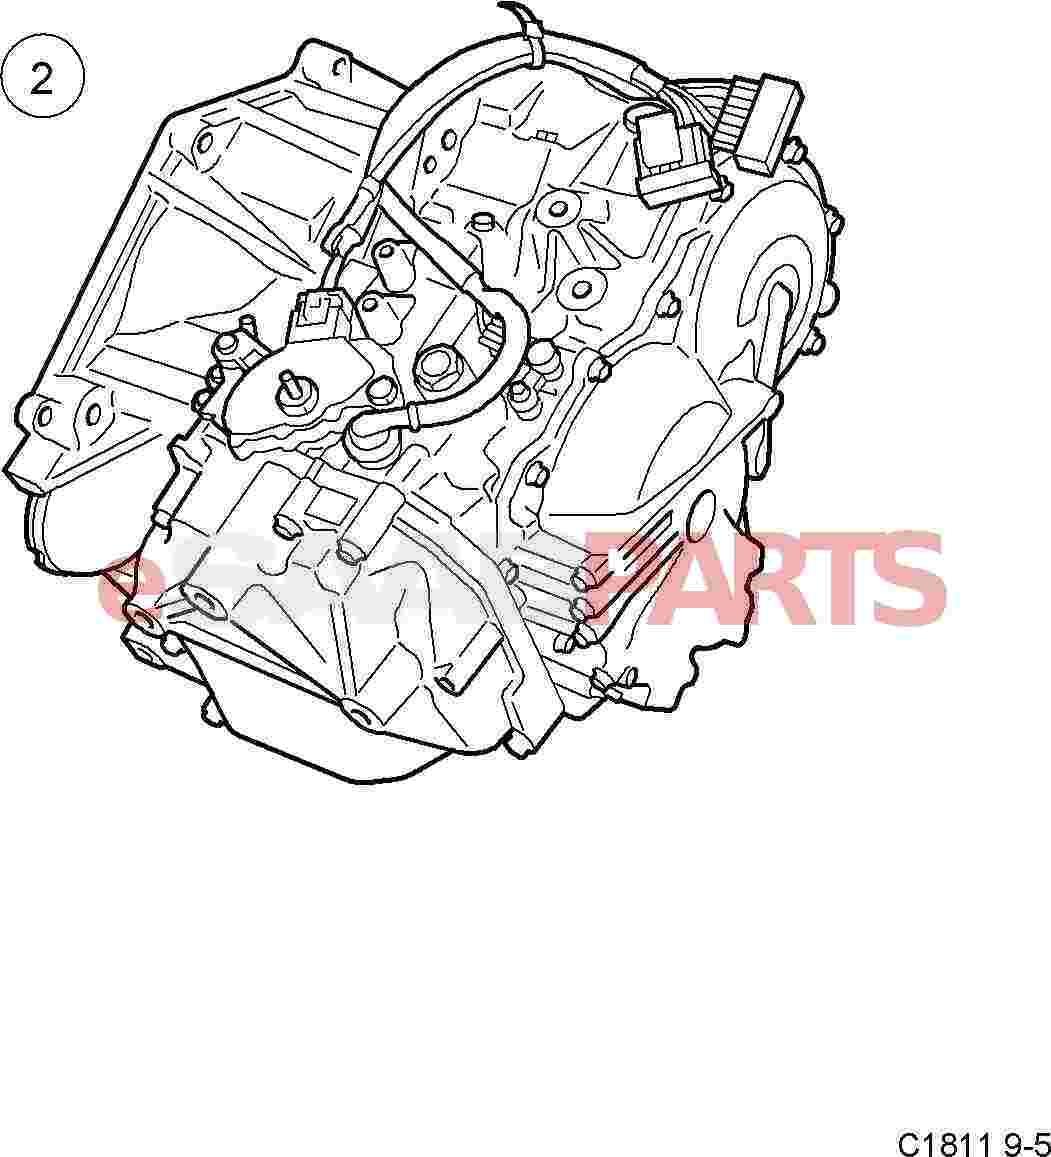 2002 Saab 43594 Transmission: [5445911] SAAB Transmission